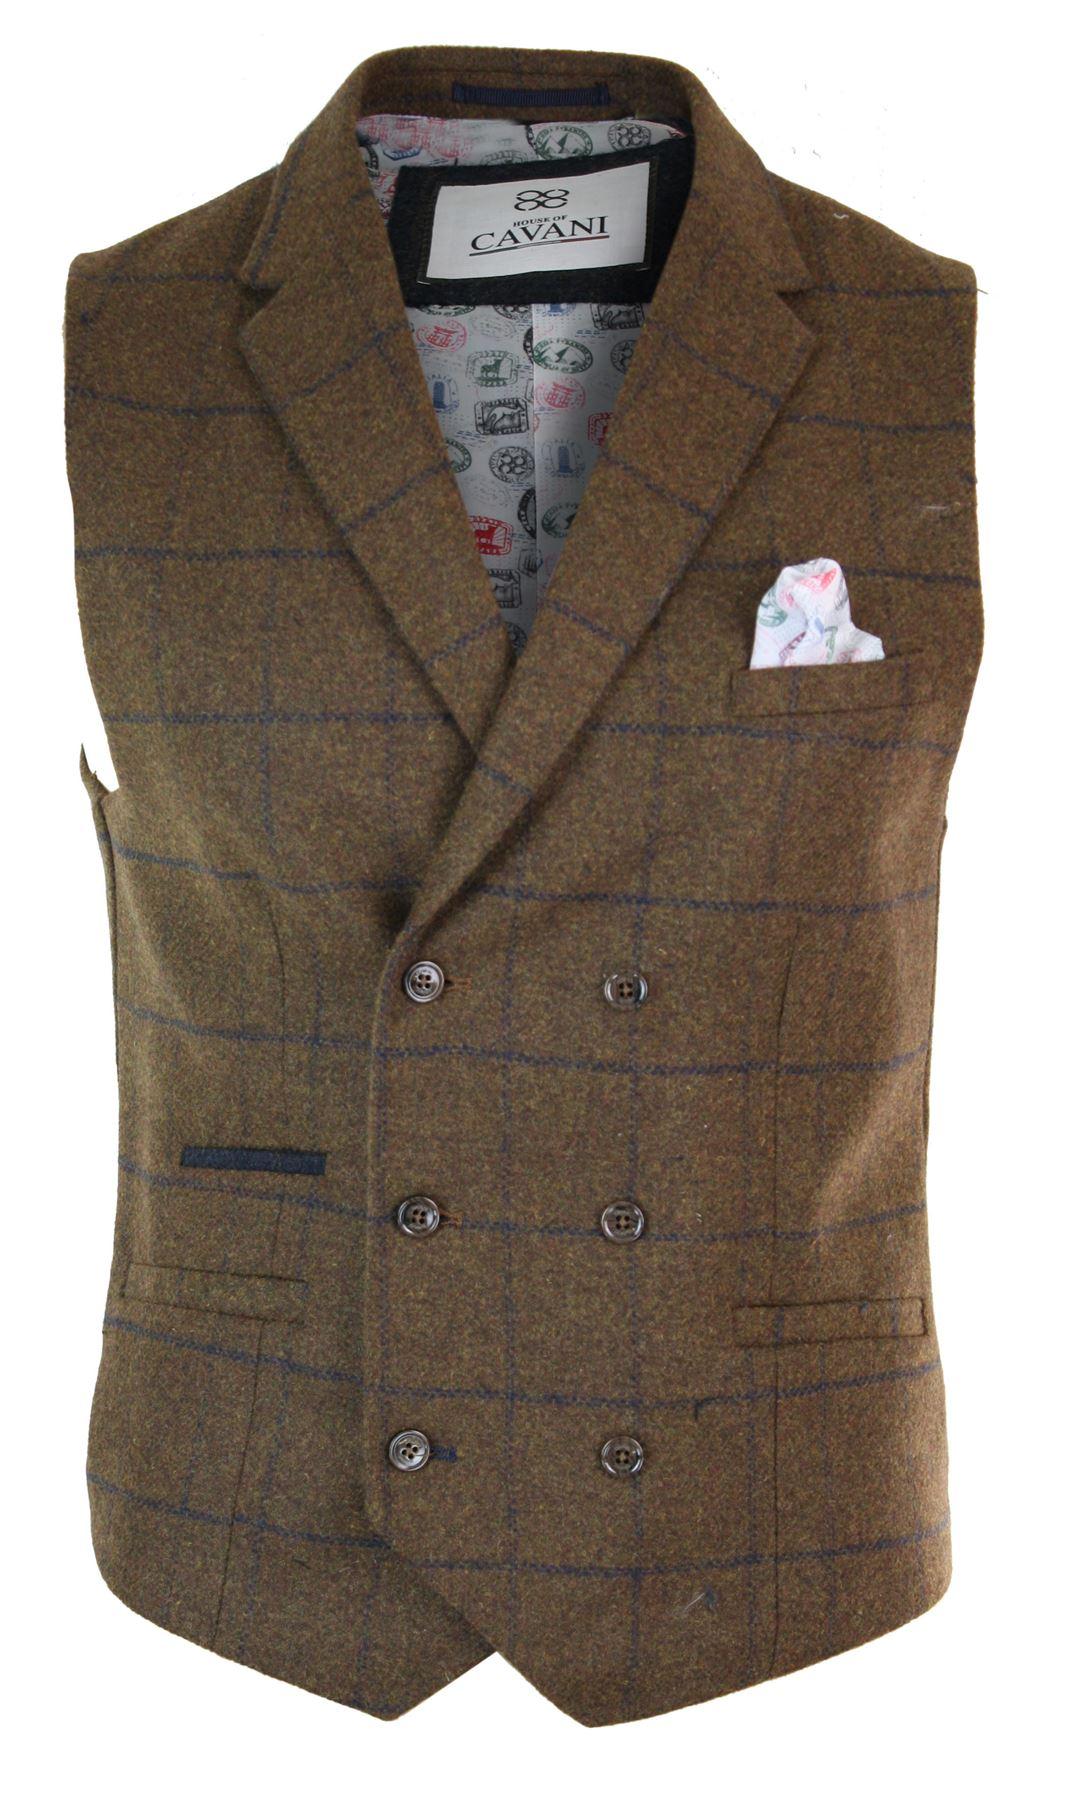 Mens-Double-Breasted-Herringbone-Tweed-Peaky-Blinders-Vintage-Check-Waistcoat miniatuur 23